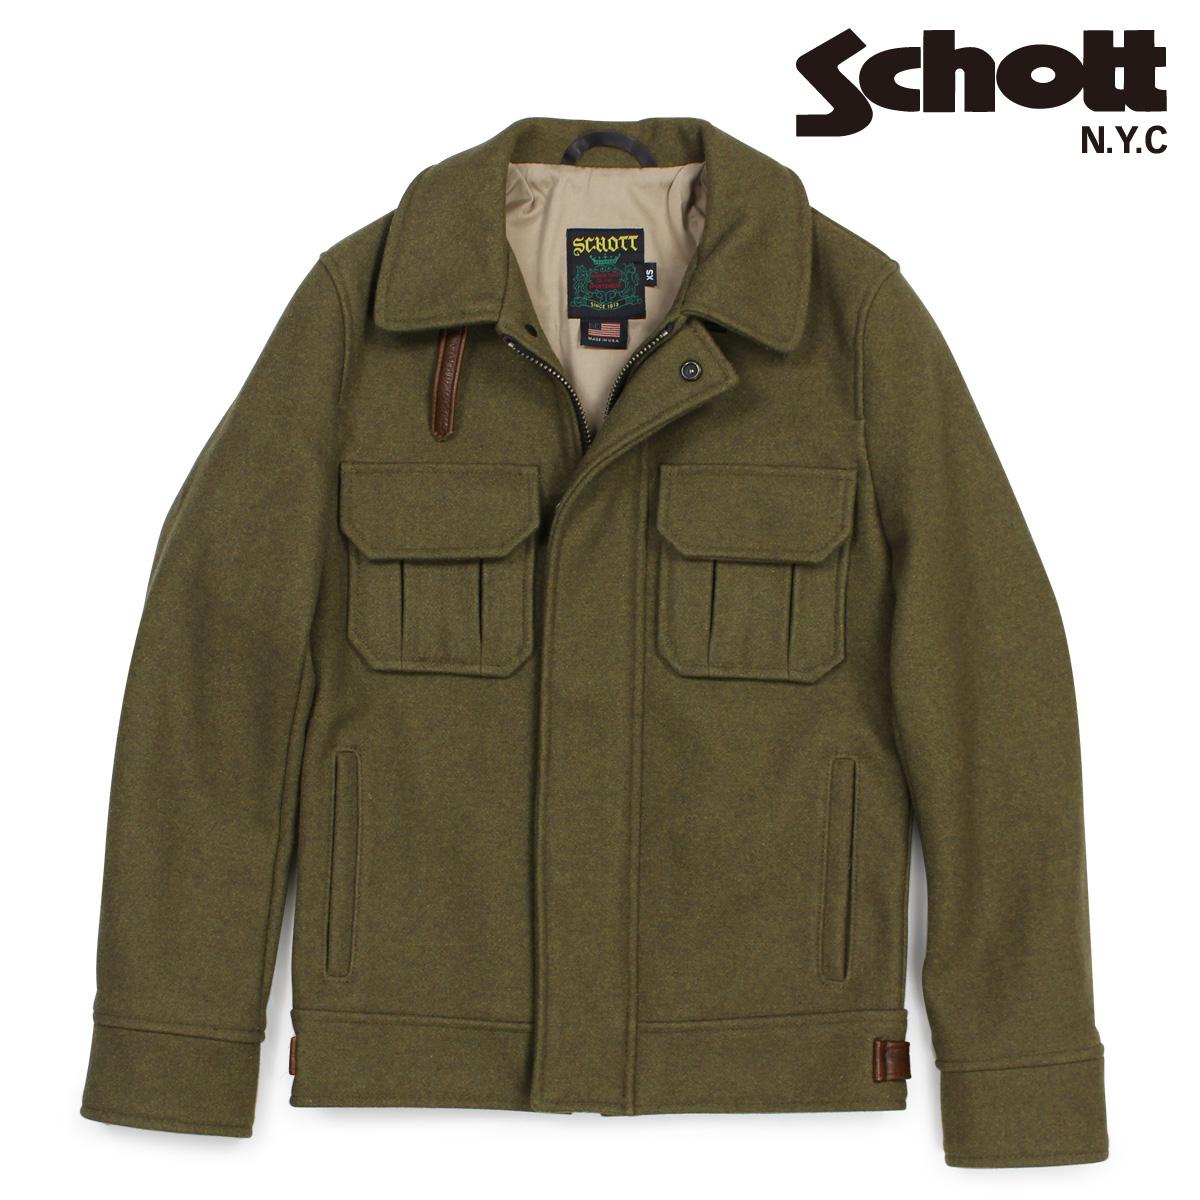 【最大2000円OFFクーポン】 ショット Schott ジャケット M65 フィールドジャケット メンズ WOOL BLEND EISENHOWER FIELD JACKET 720